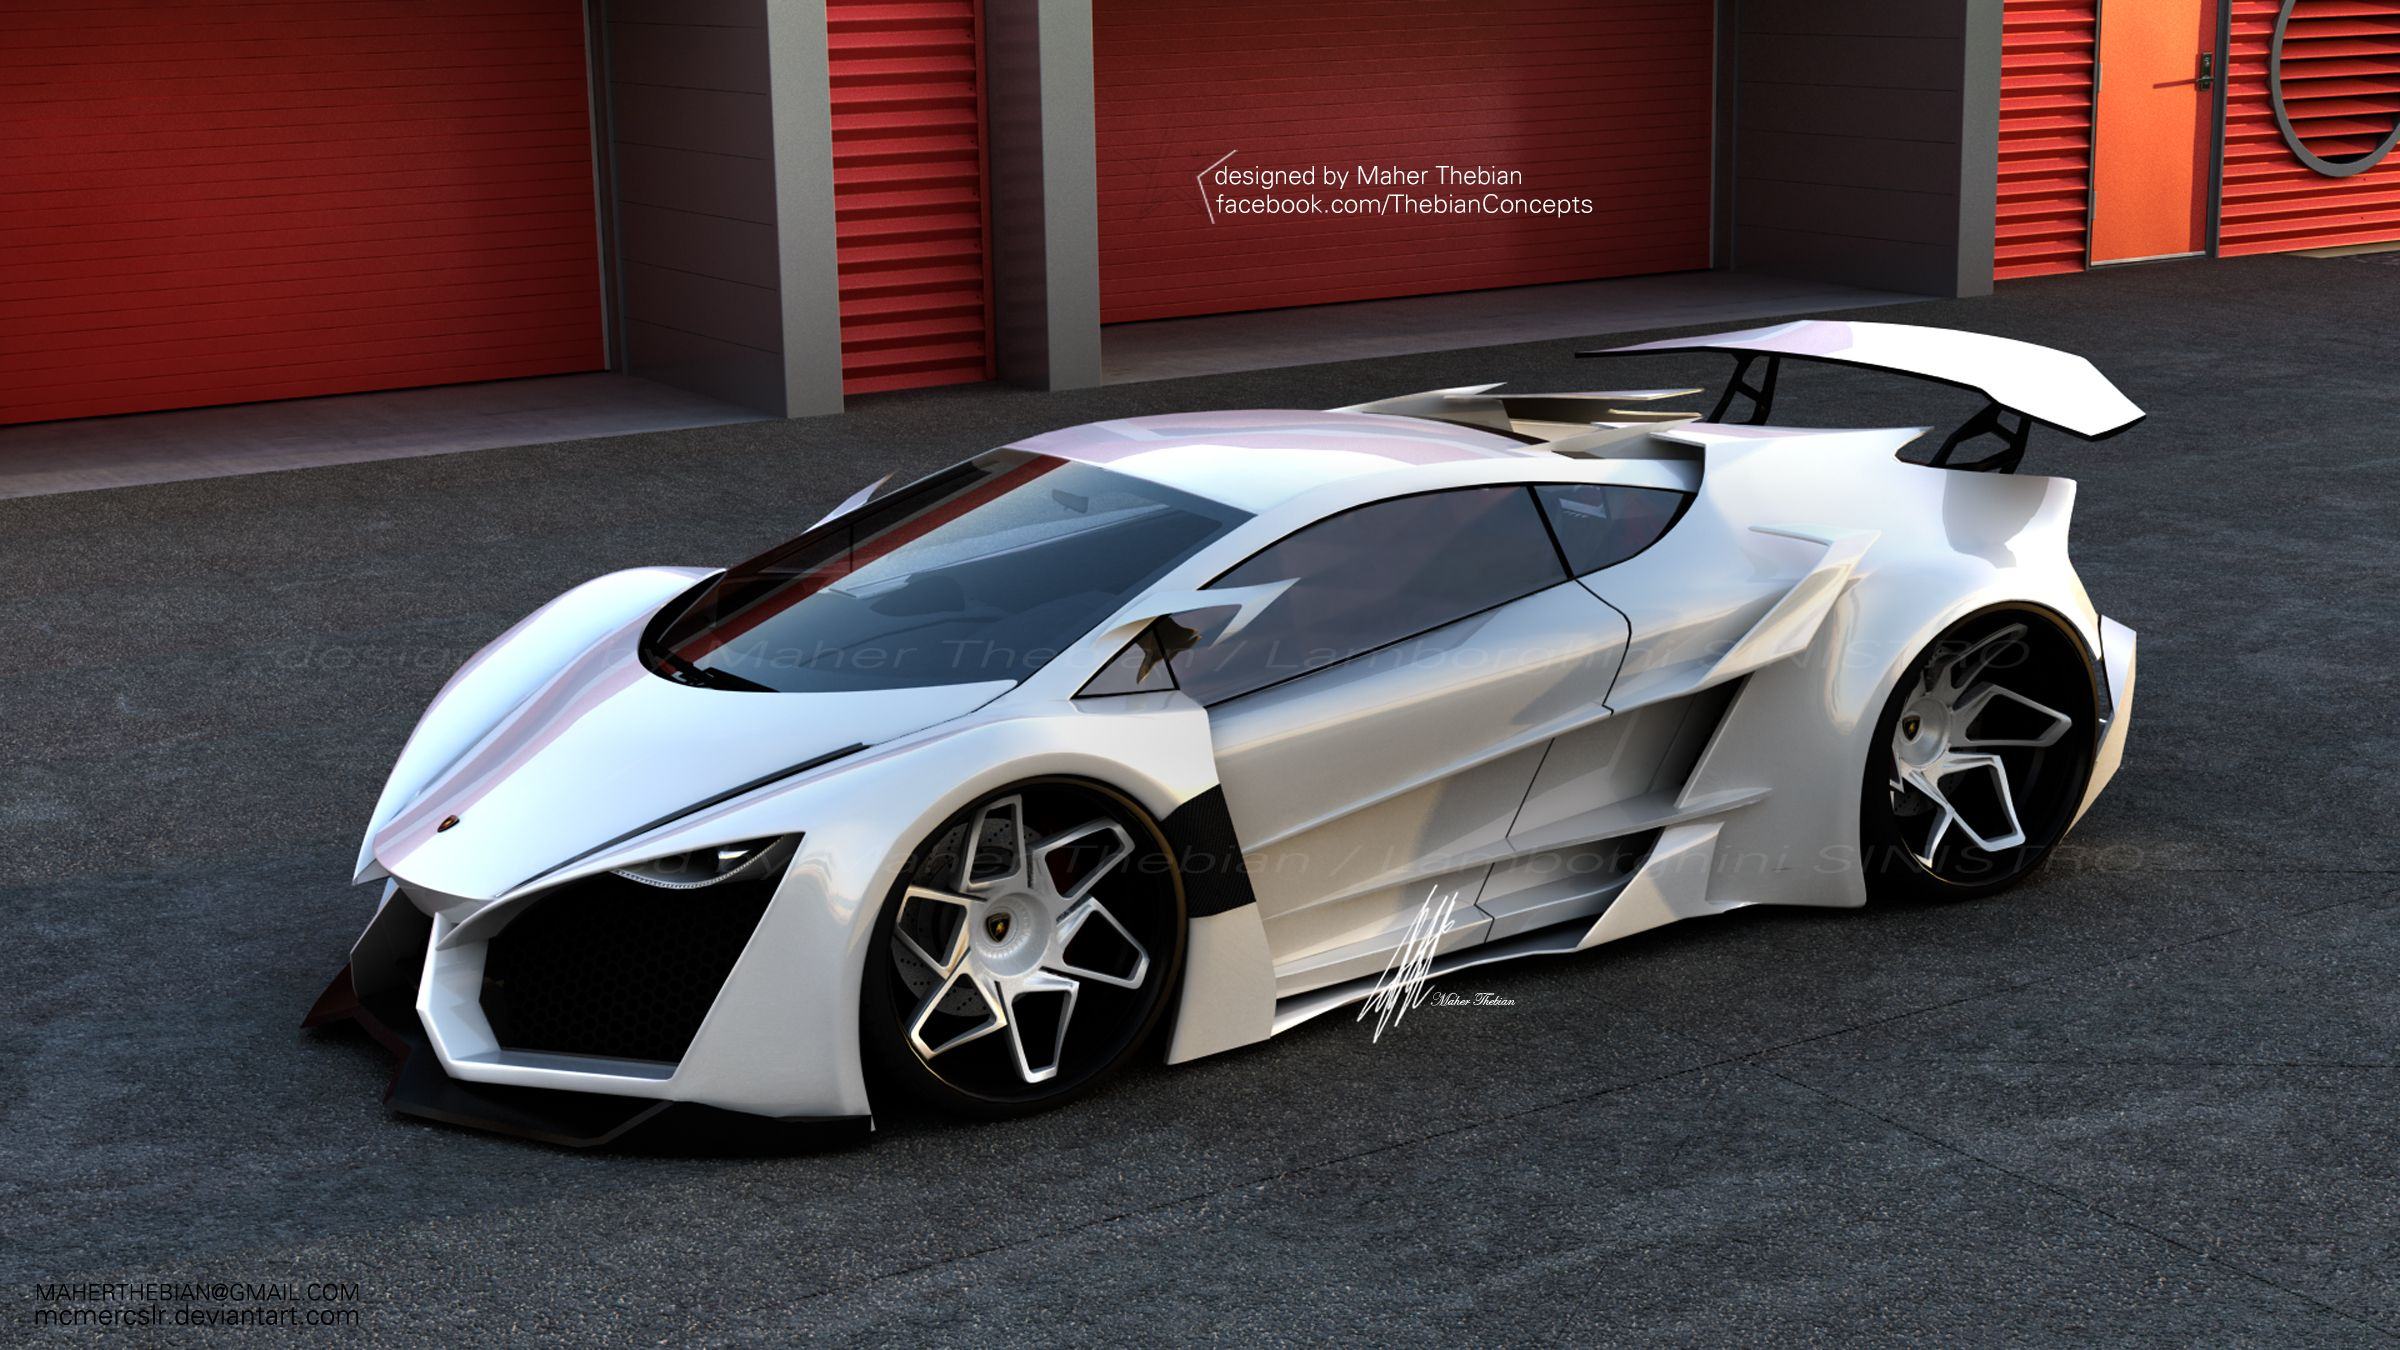 Lamborghini Sinistro Concept Design By Maher Thebian. Amazing Design